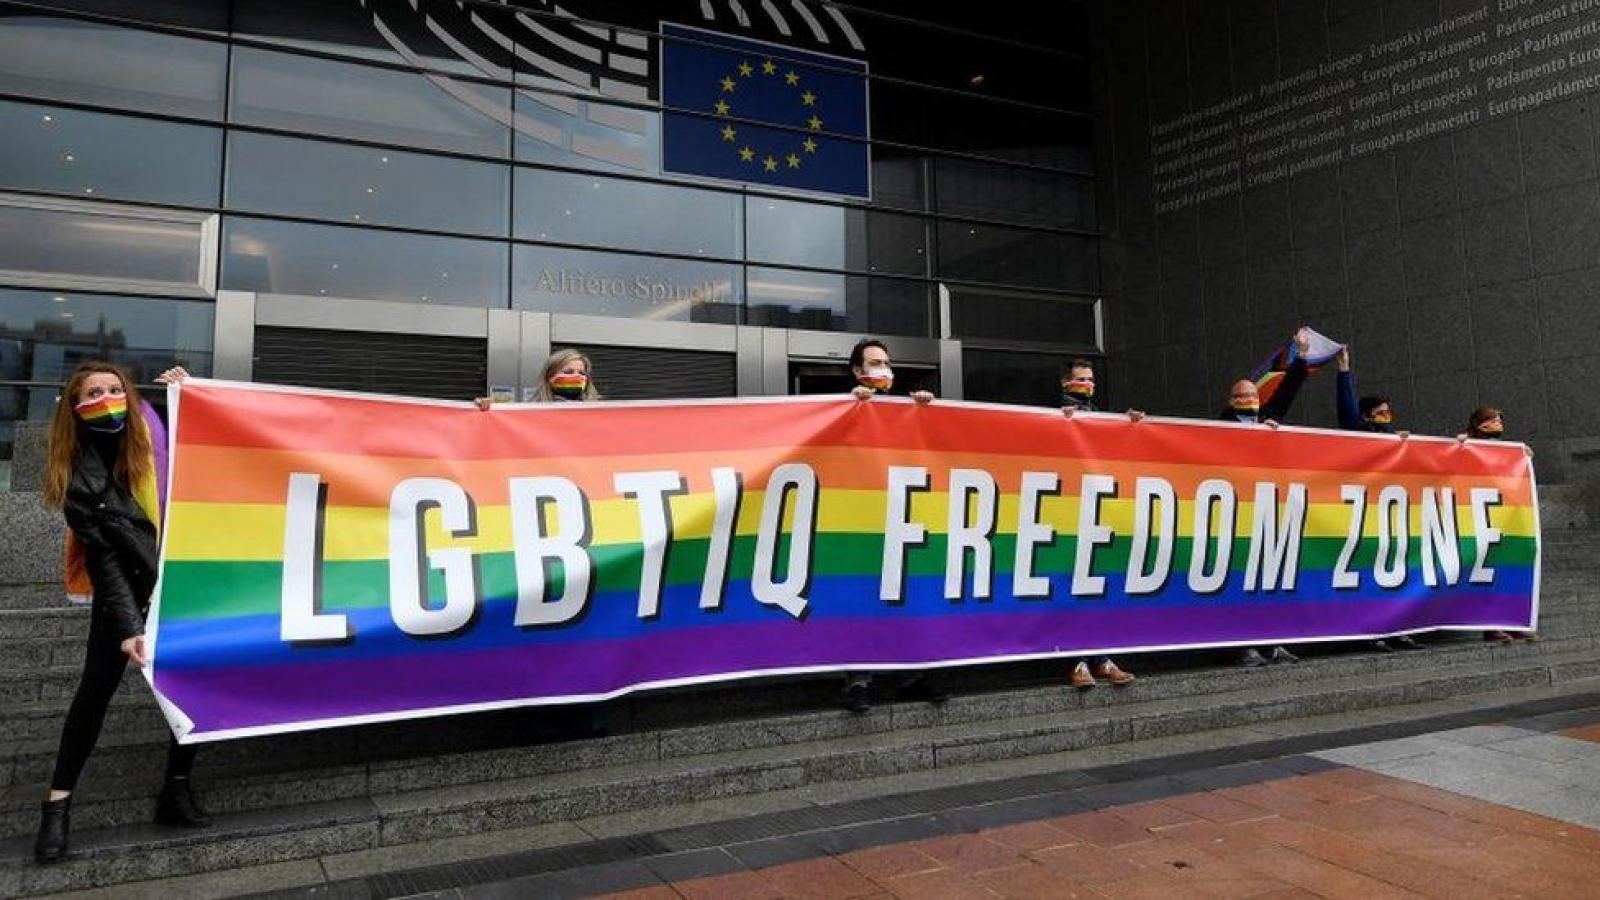 Liên minh châu Âu trở thành khu vực tự do cho cộng đồng LGBT